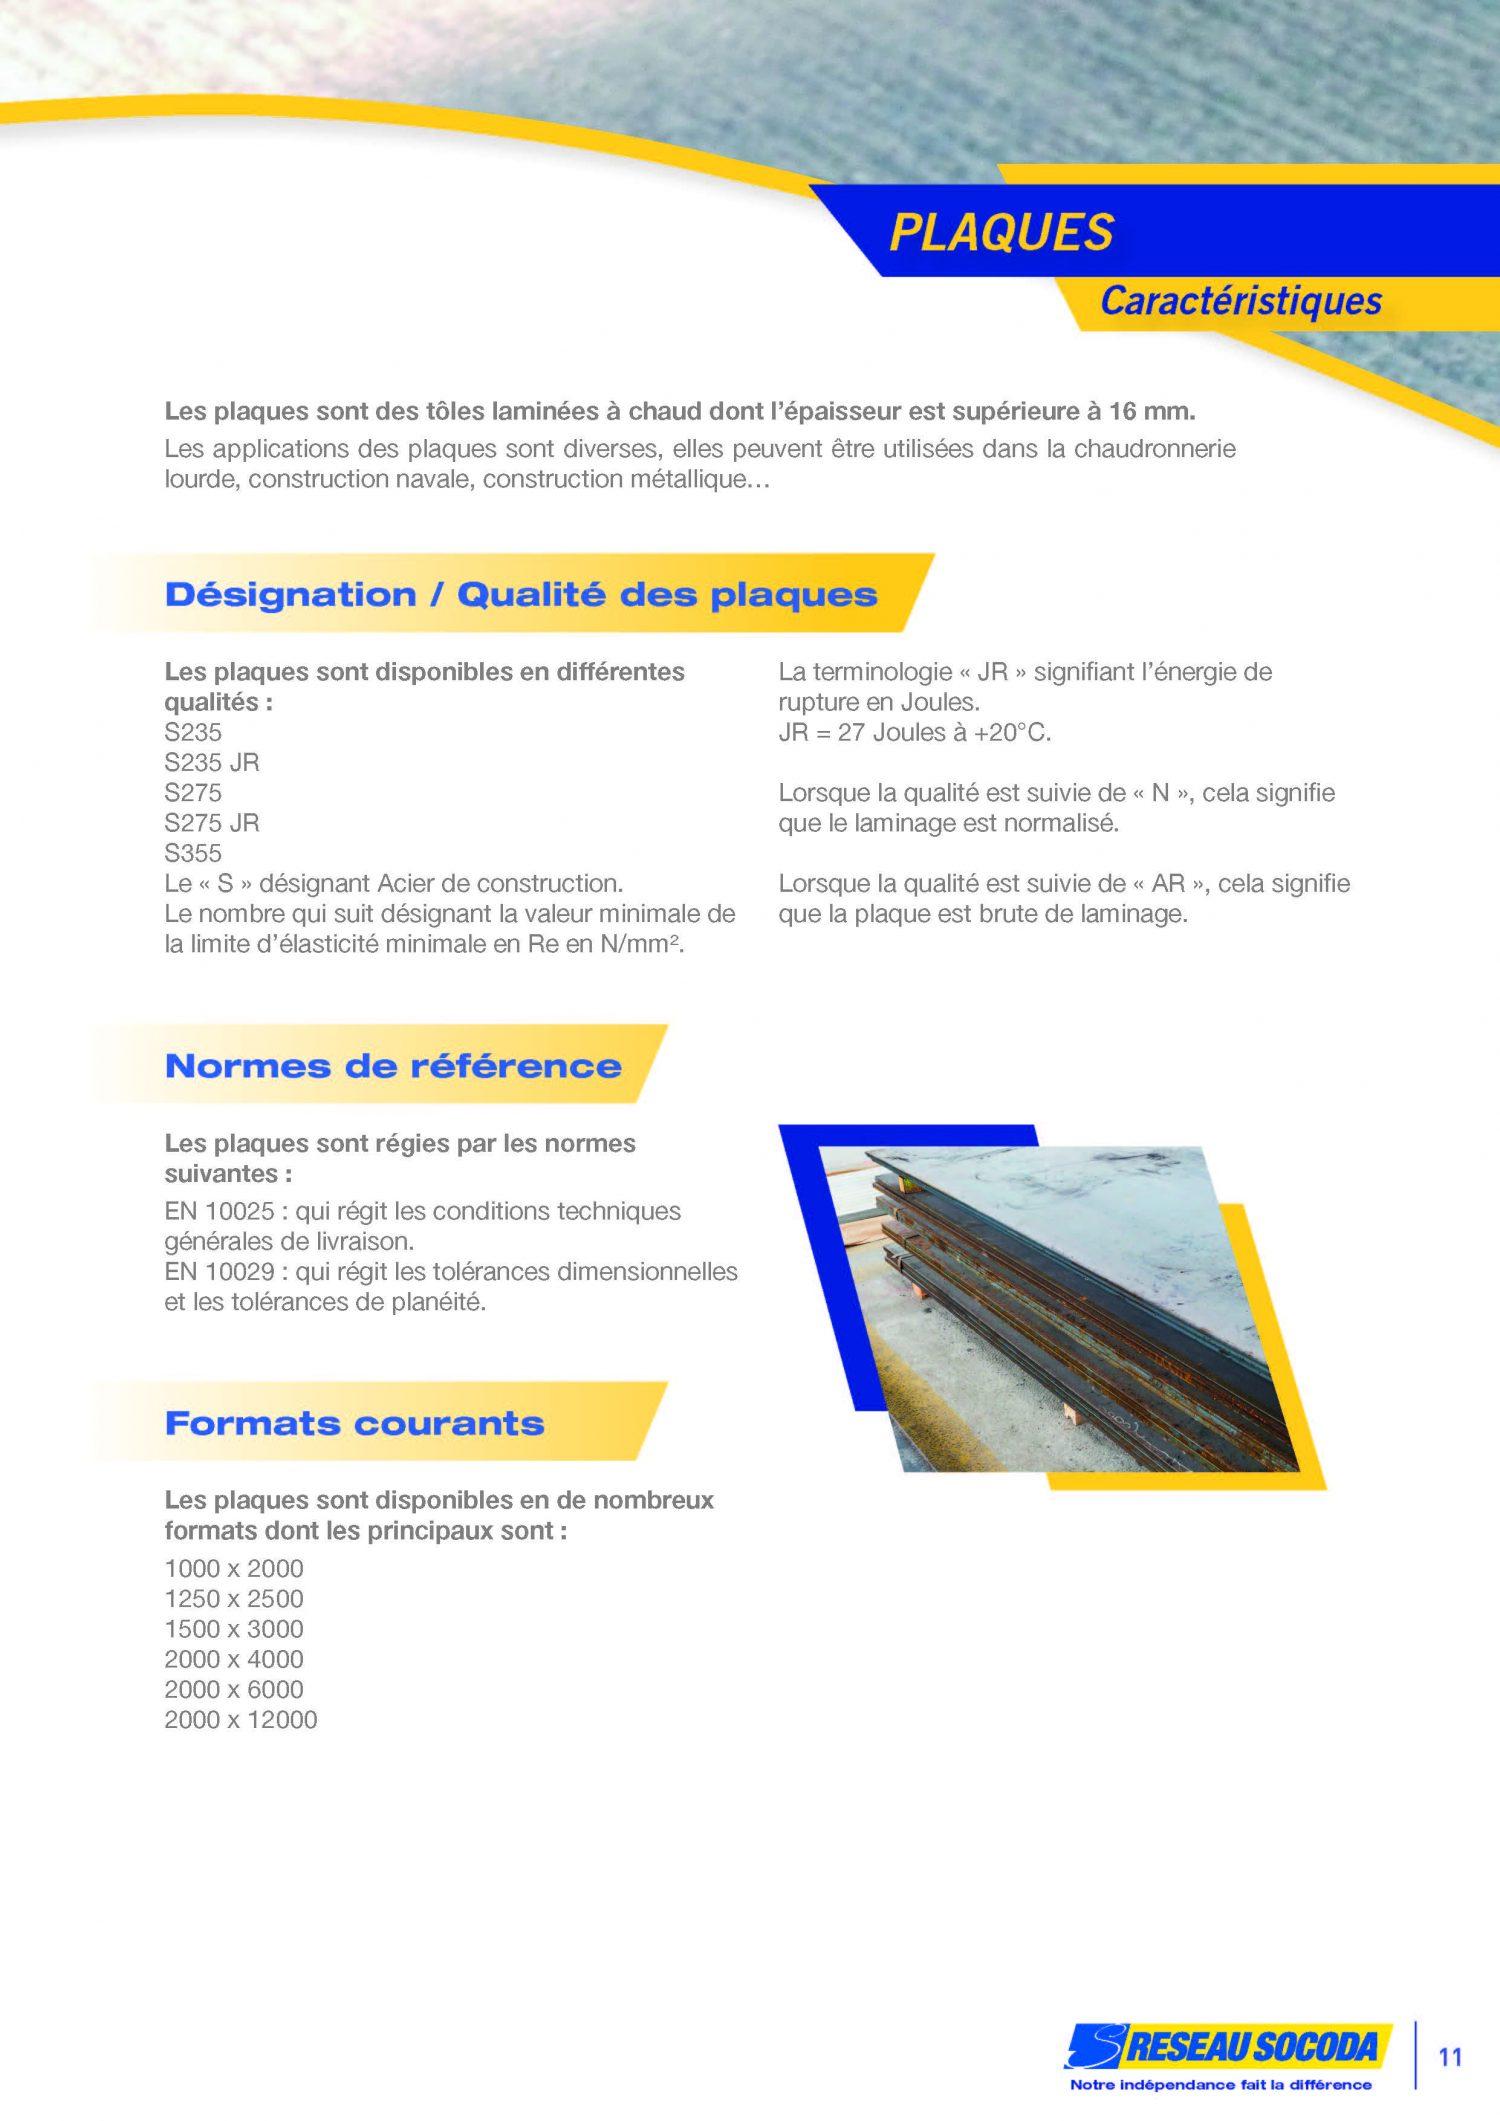 Produits plats_Page_11